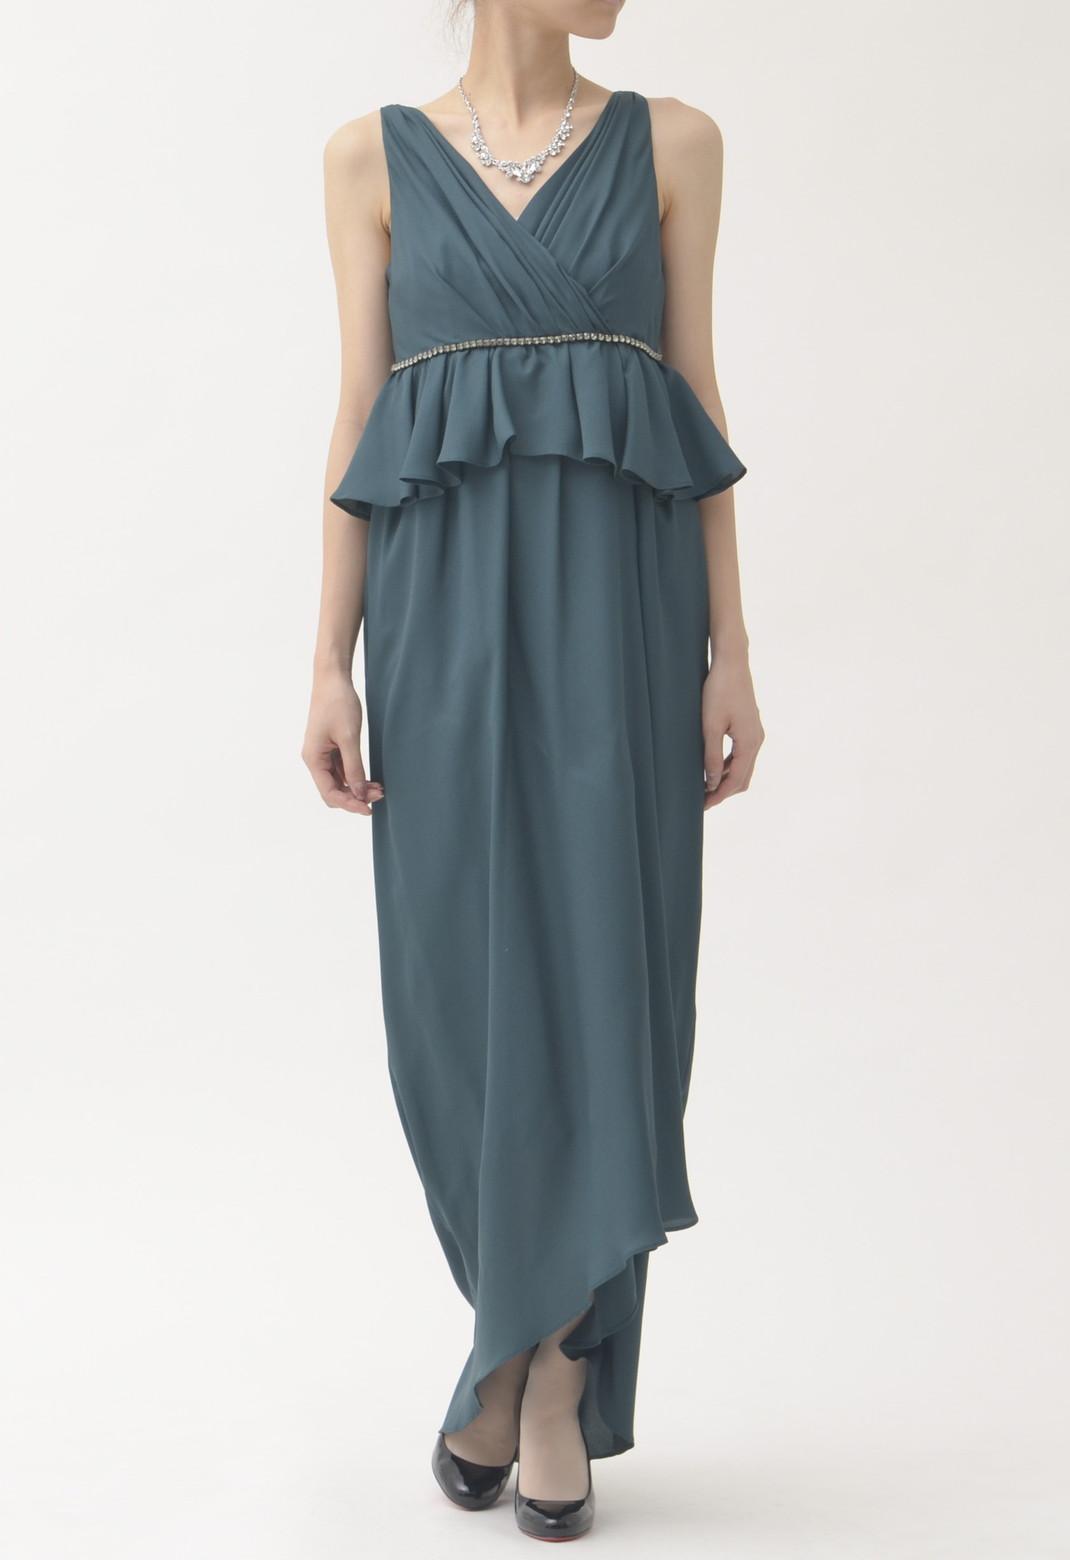 ビジュー飾り ノースリーブ ロング ドレス